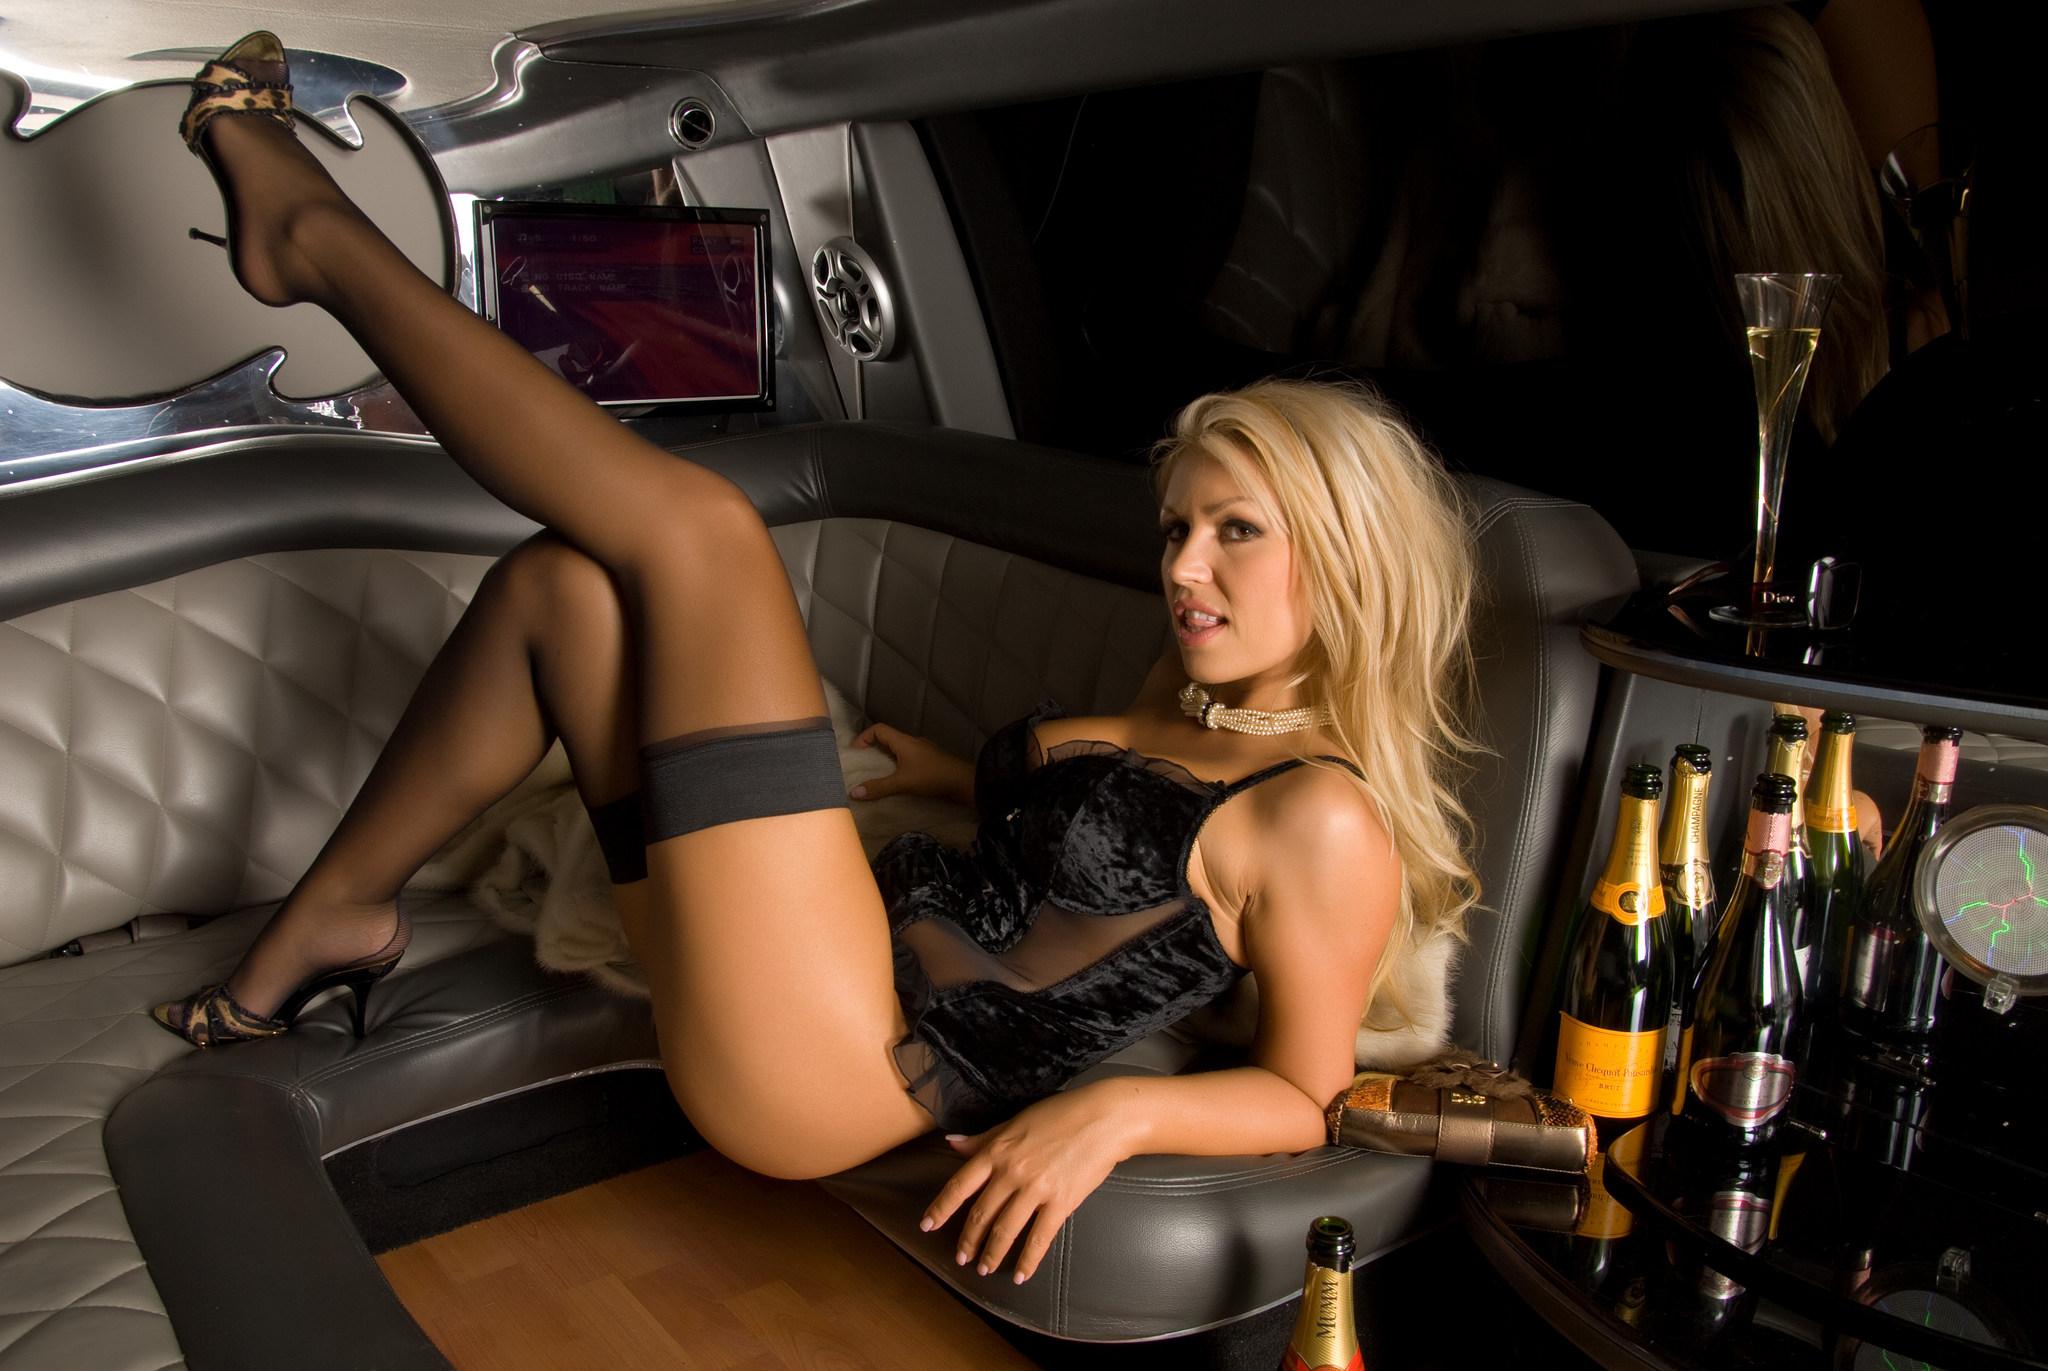 Эротические фото девушек и женщин с красивыми ногами 9 фотография